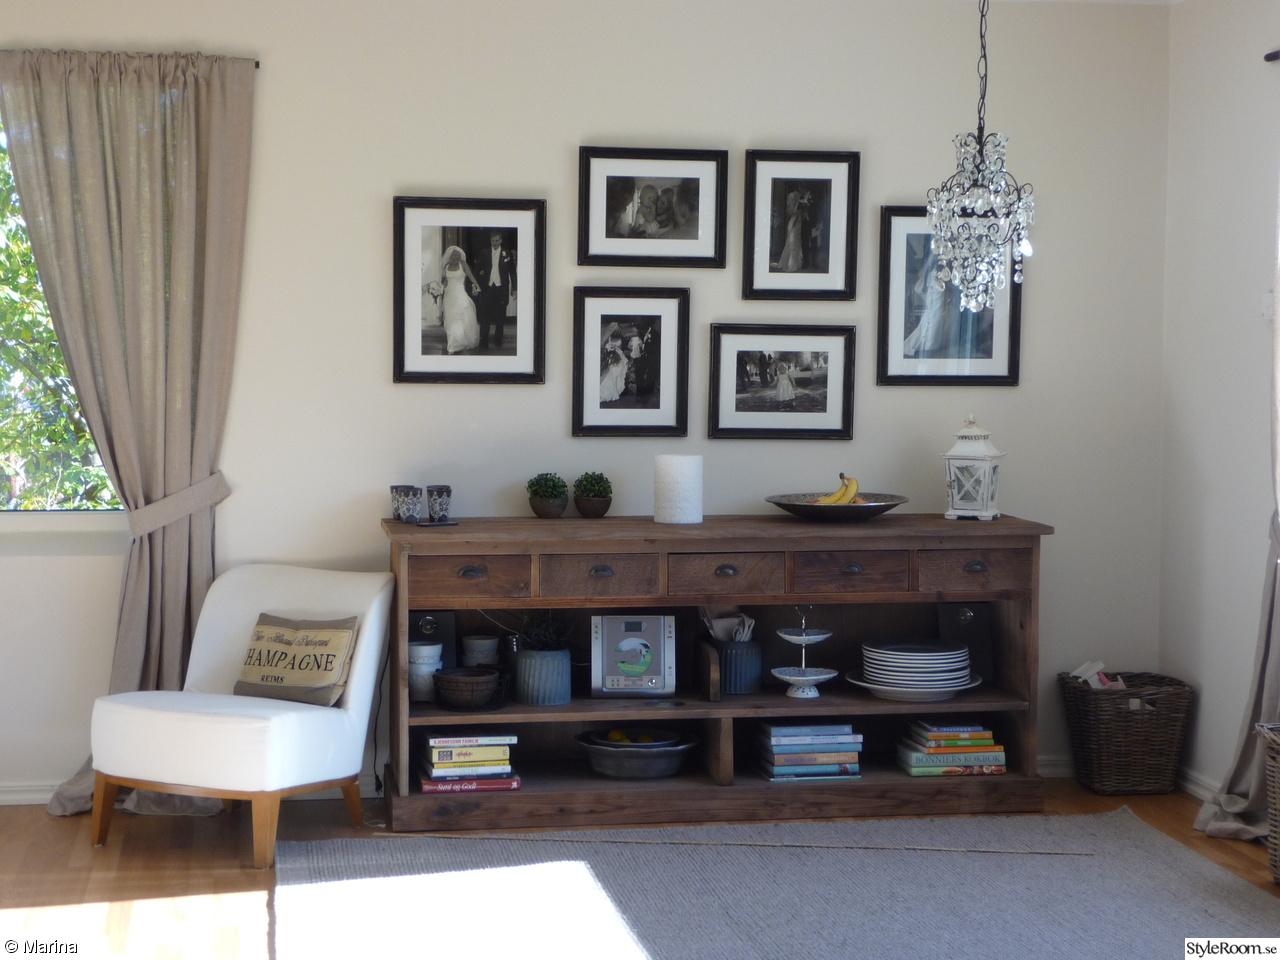 Matbord i vardagsrummet   inspiration och idéer till ditt hem